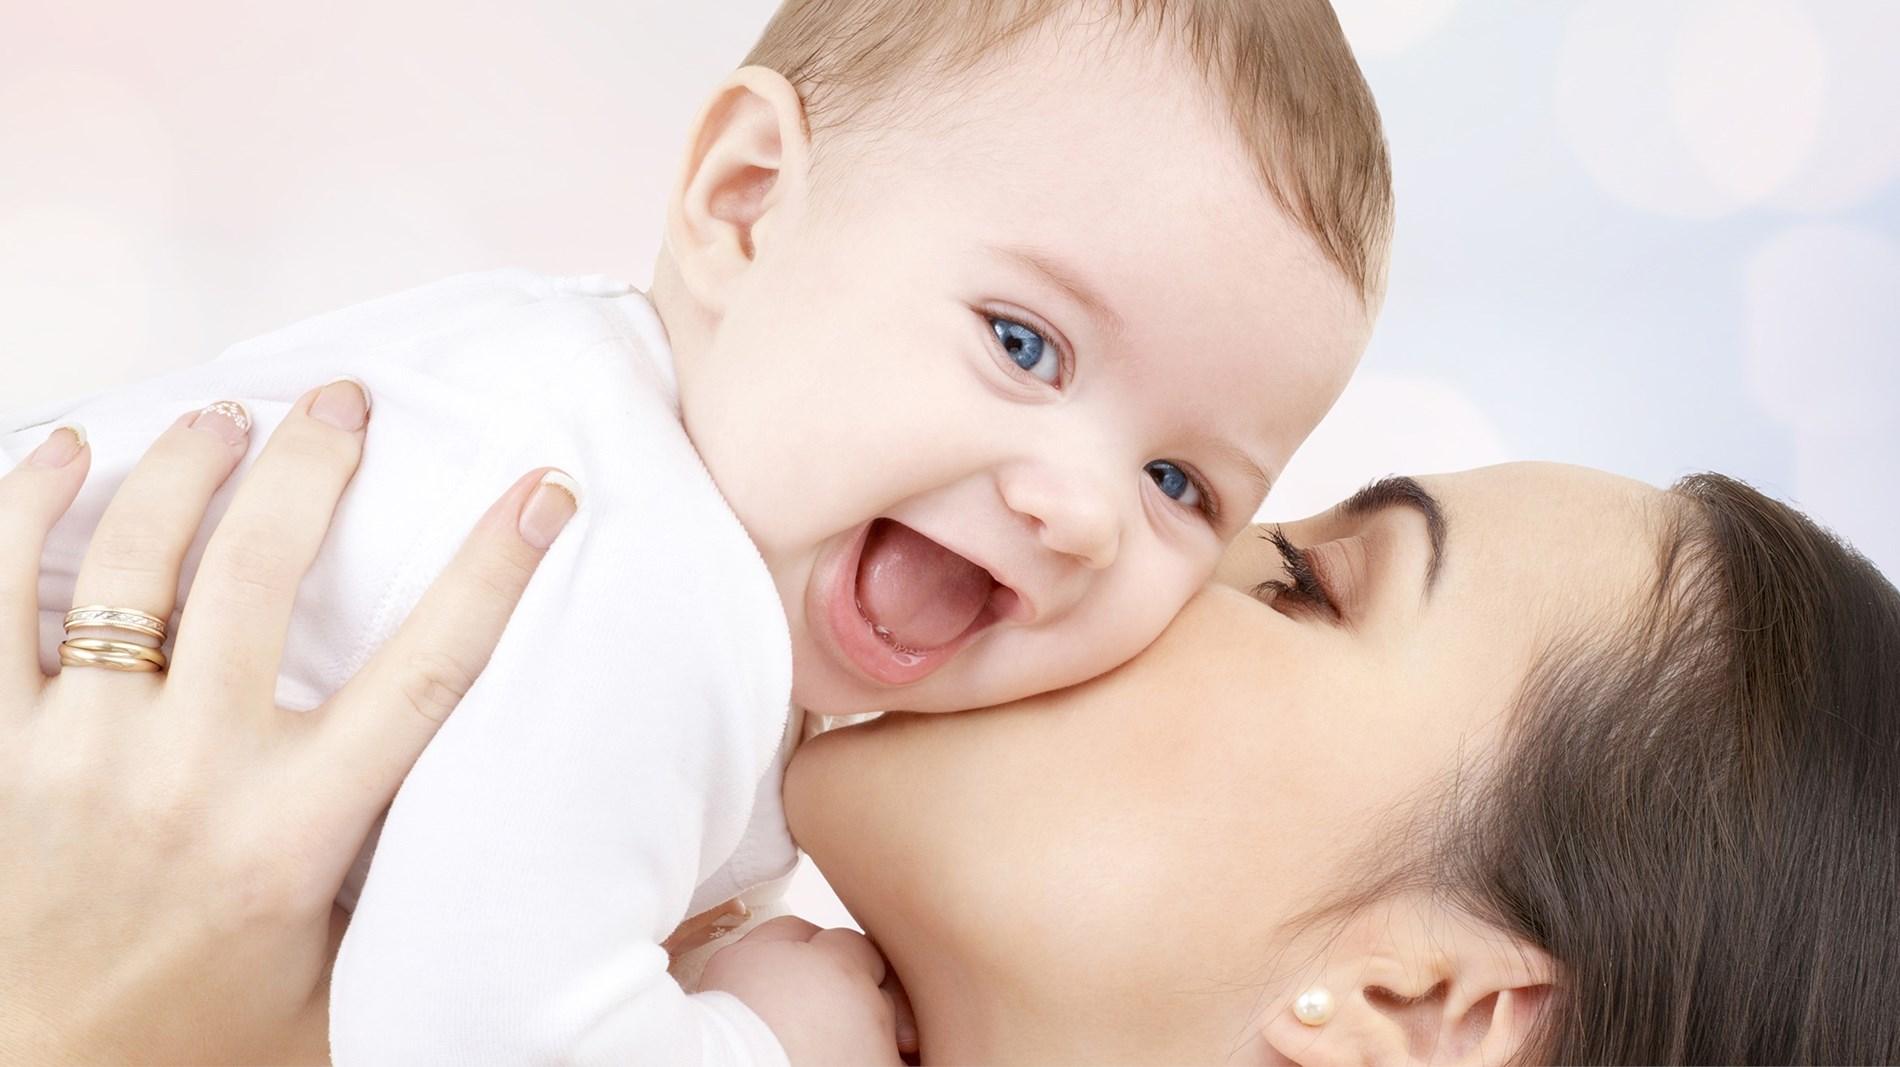 كيف نعالج اضطرابات النوم لدى الرضَّع؟